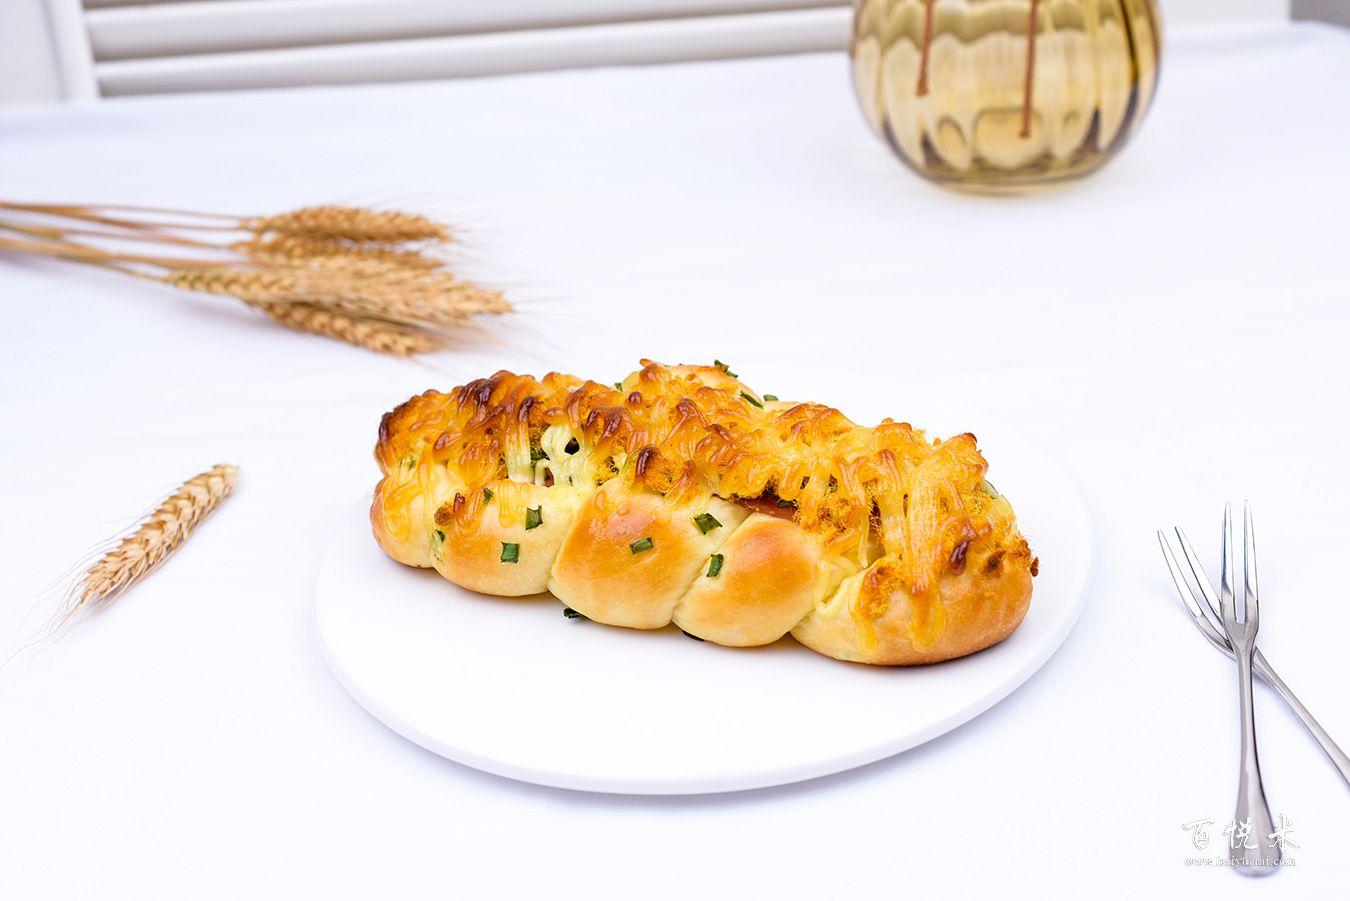 肉松包高清图片大全【蛋糕图片】_320